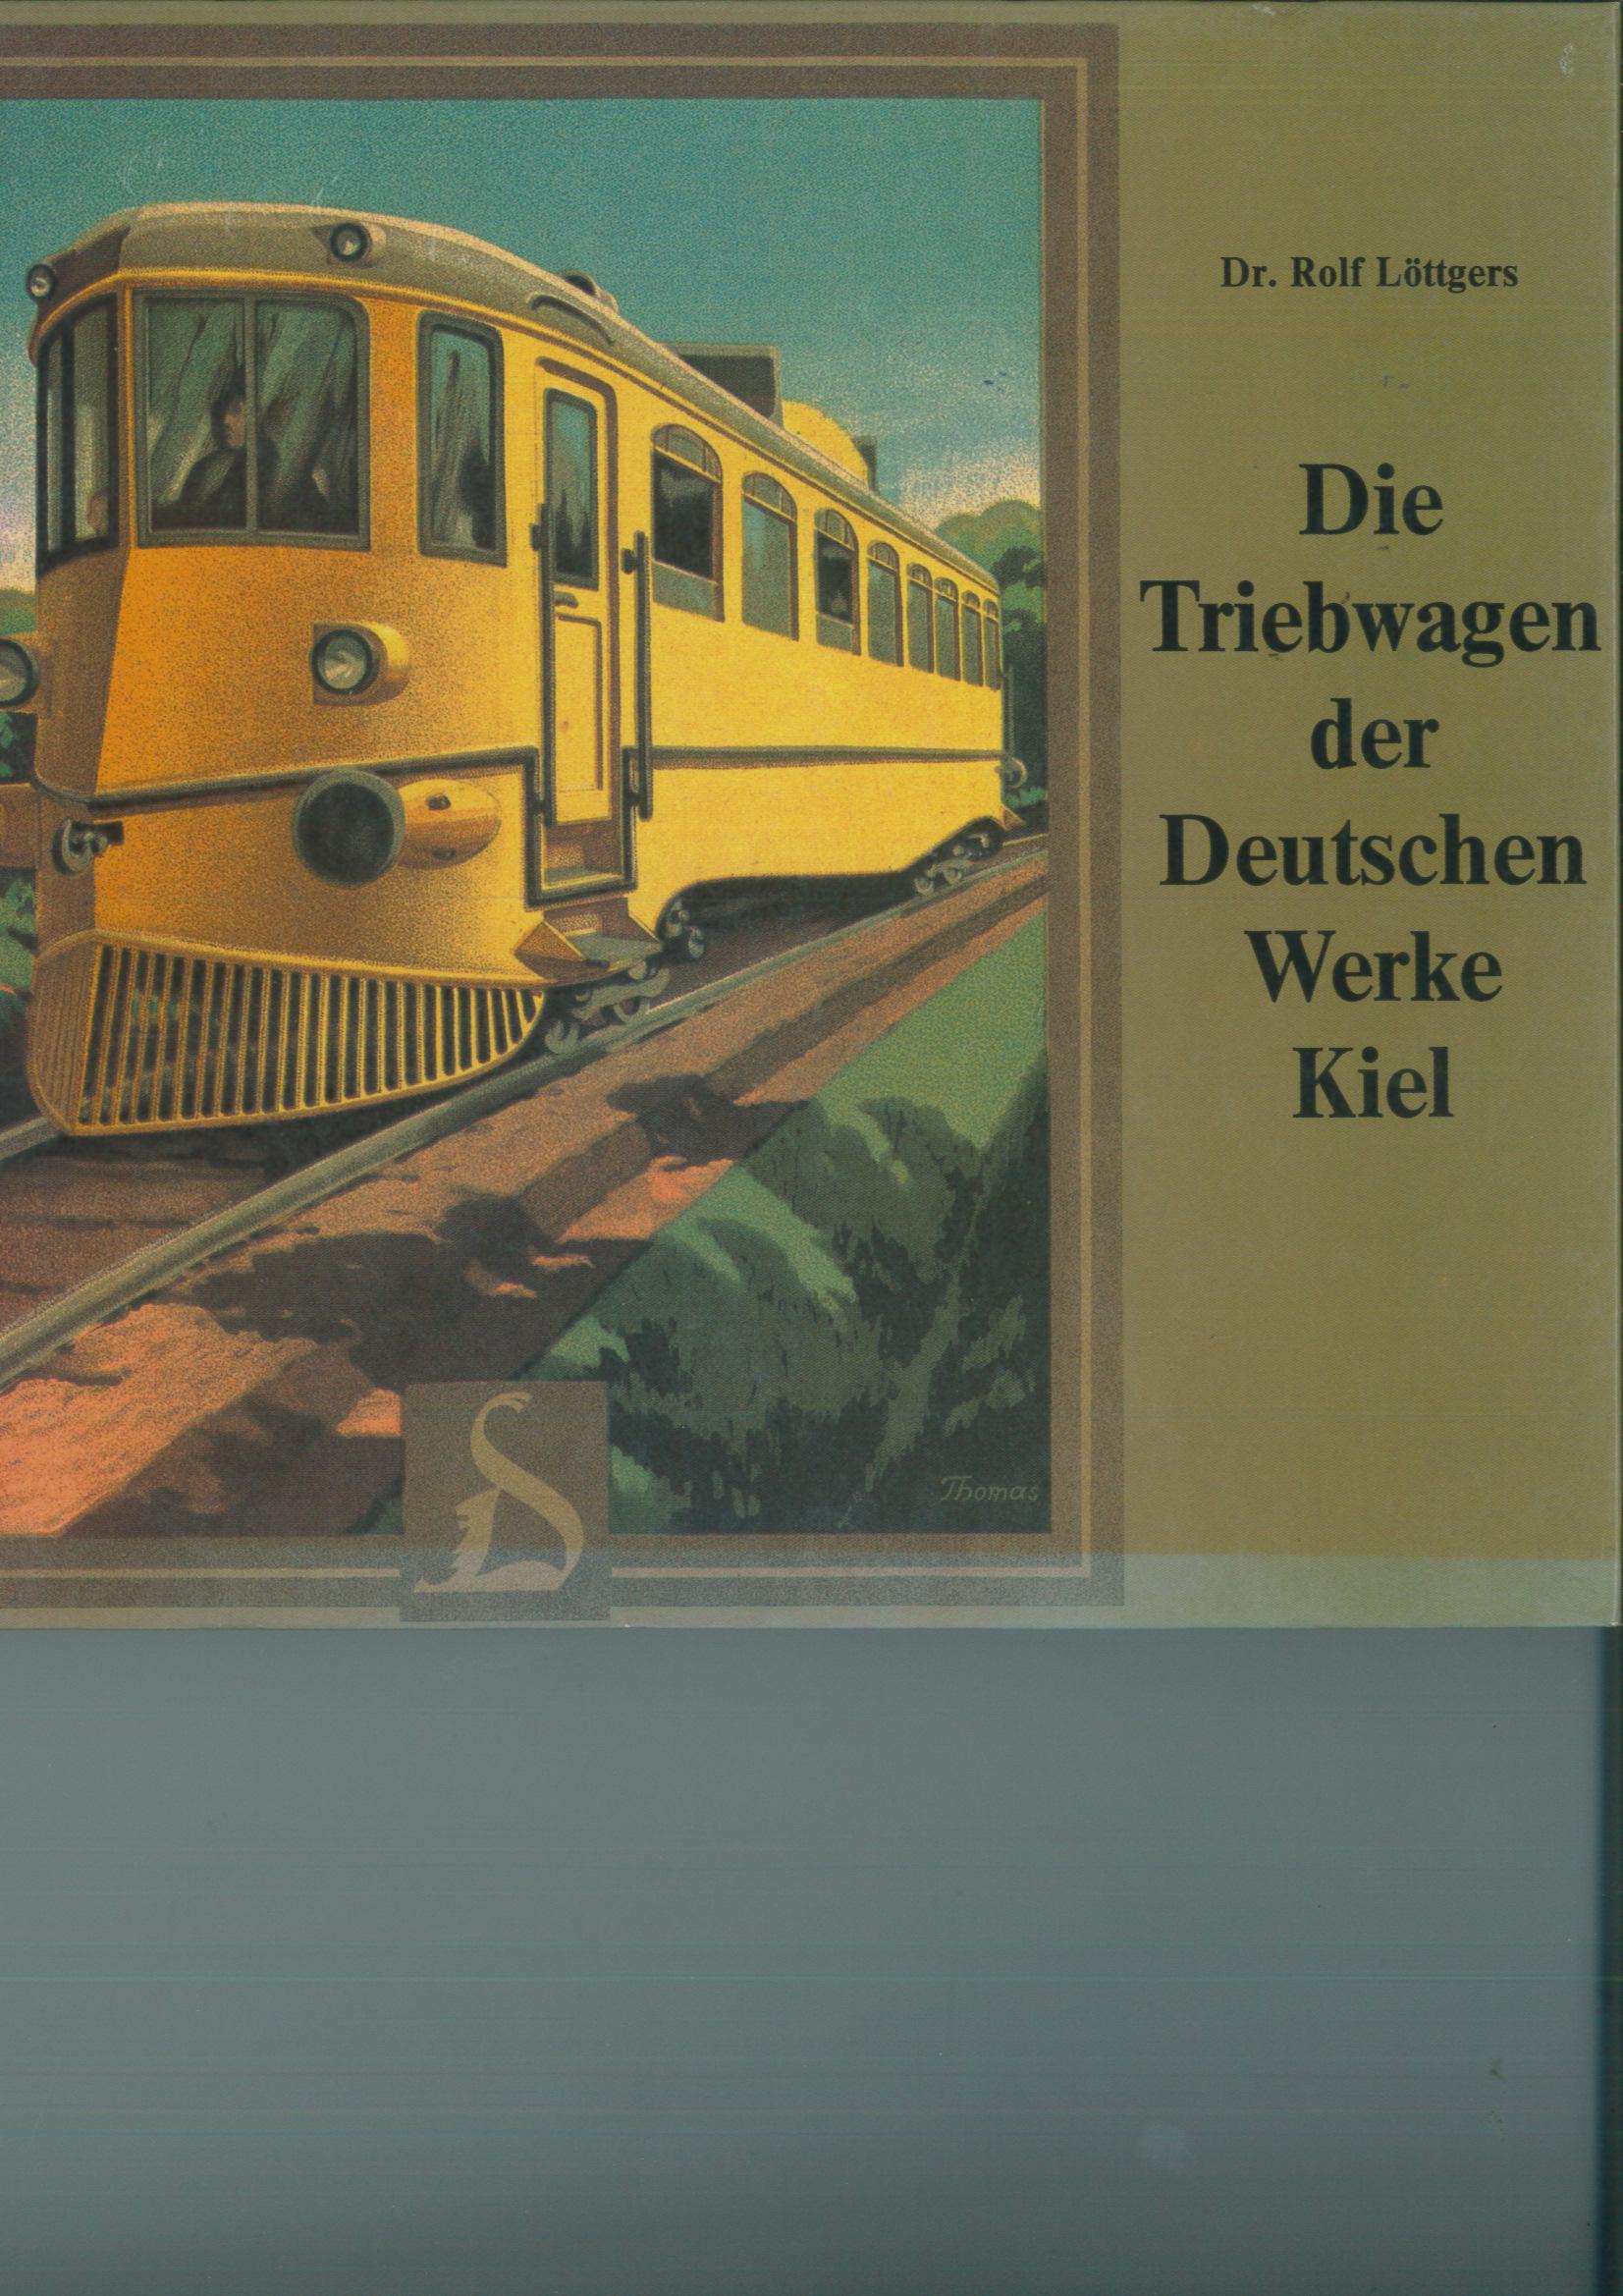 Die Triebwagen der Deutschen Werke Kiel - Löttgers  - Verlag Uhle und Kleimann | günstig bestellen bei Modelleisenbahn Center  MCS Vertriebs GmbH